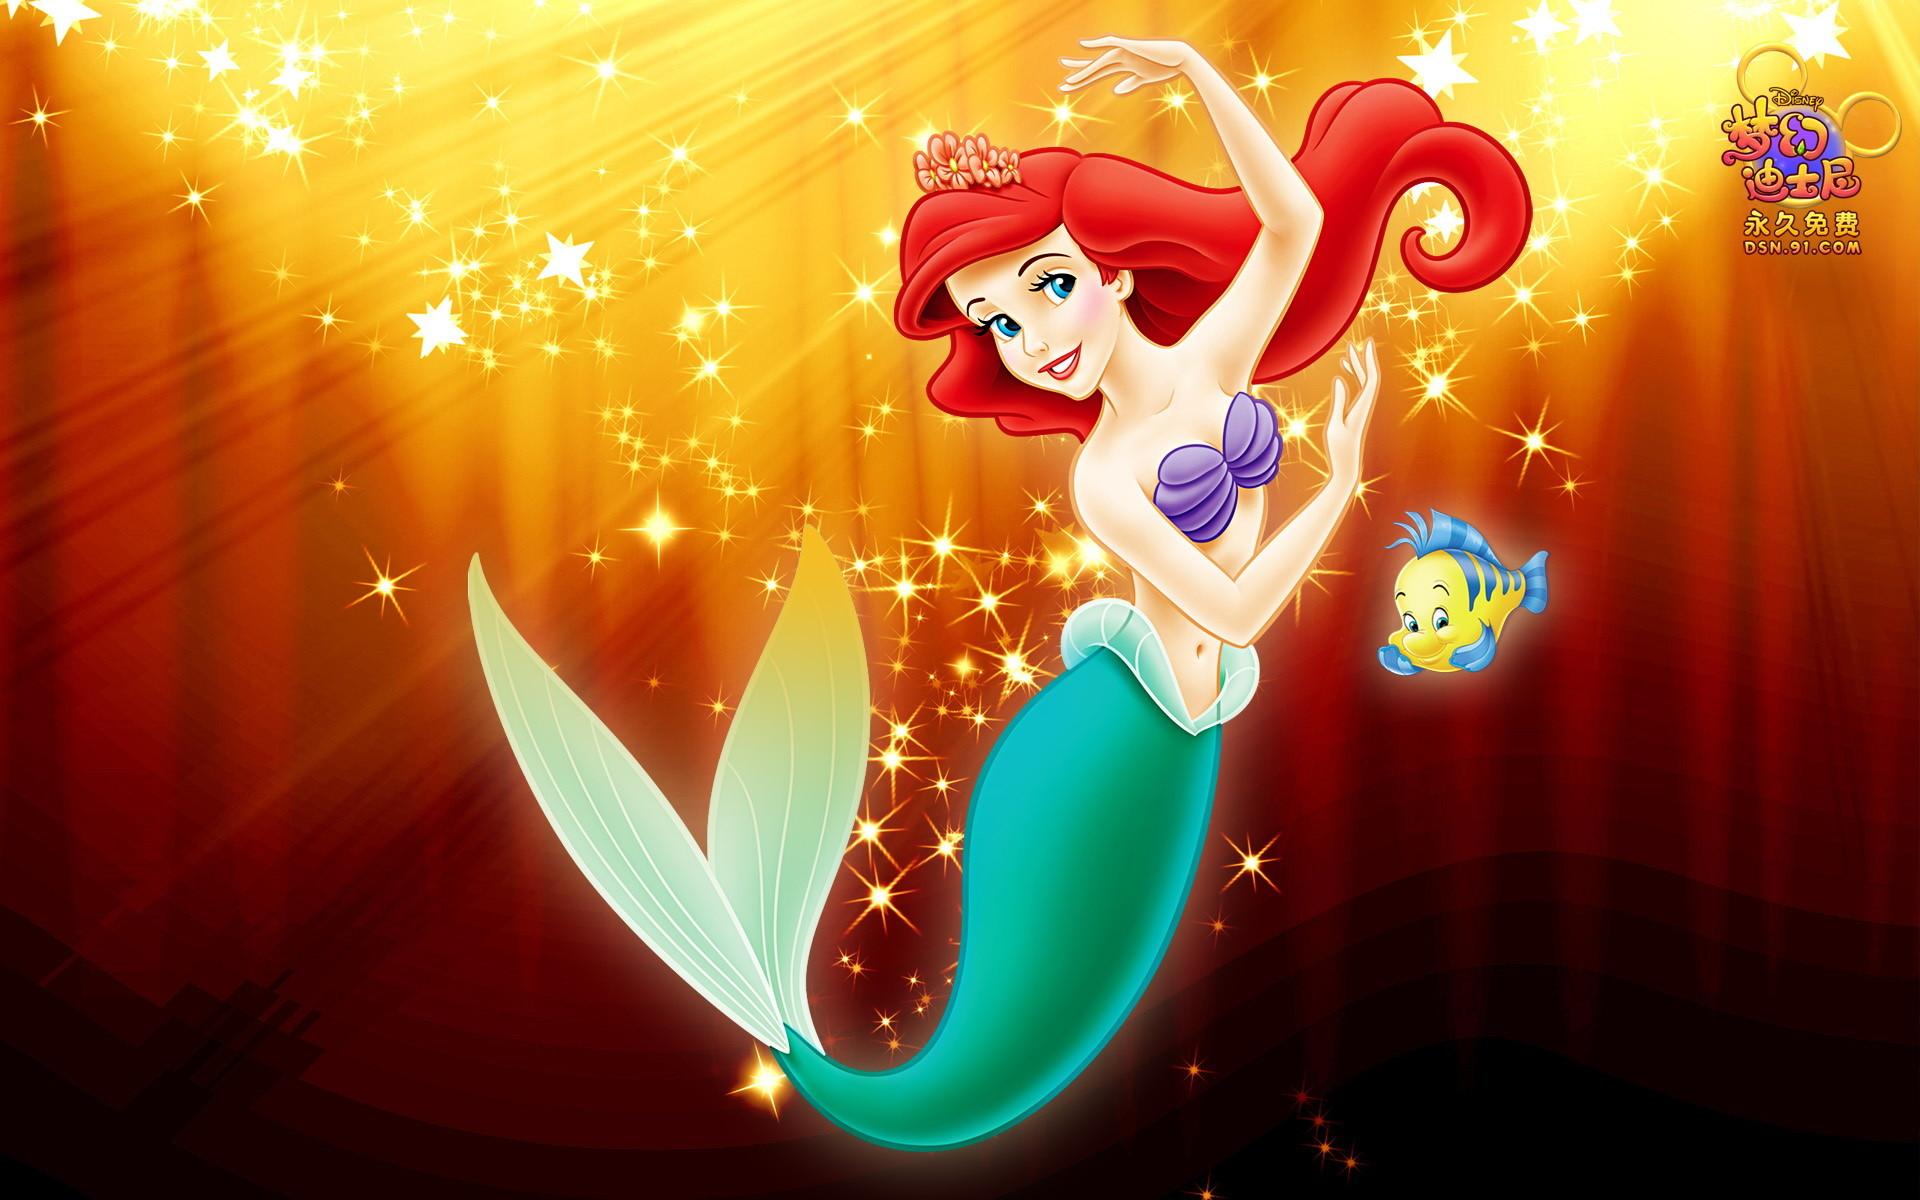 Cute Little Mermaid Wallpaper for Desktop (20)